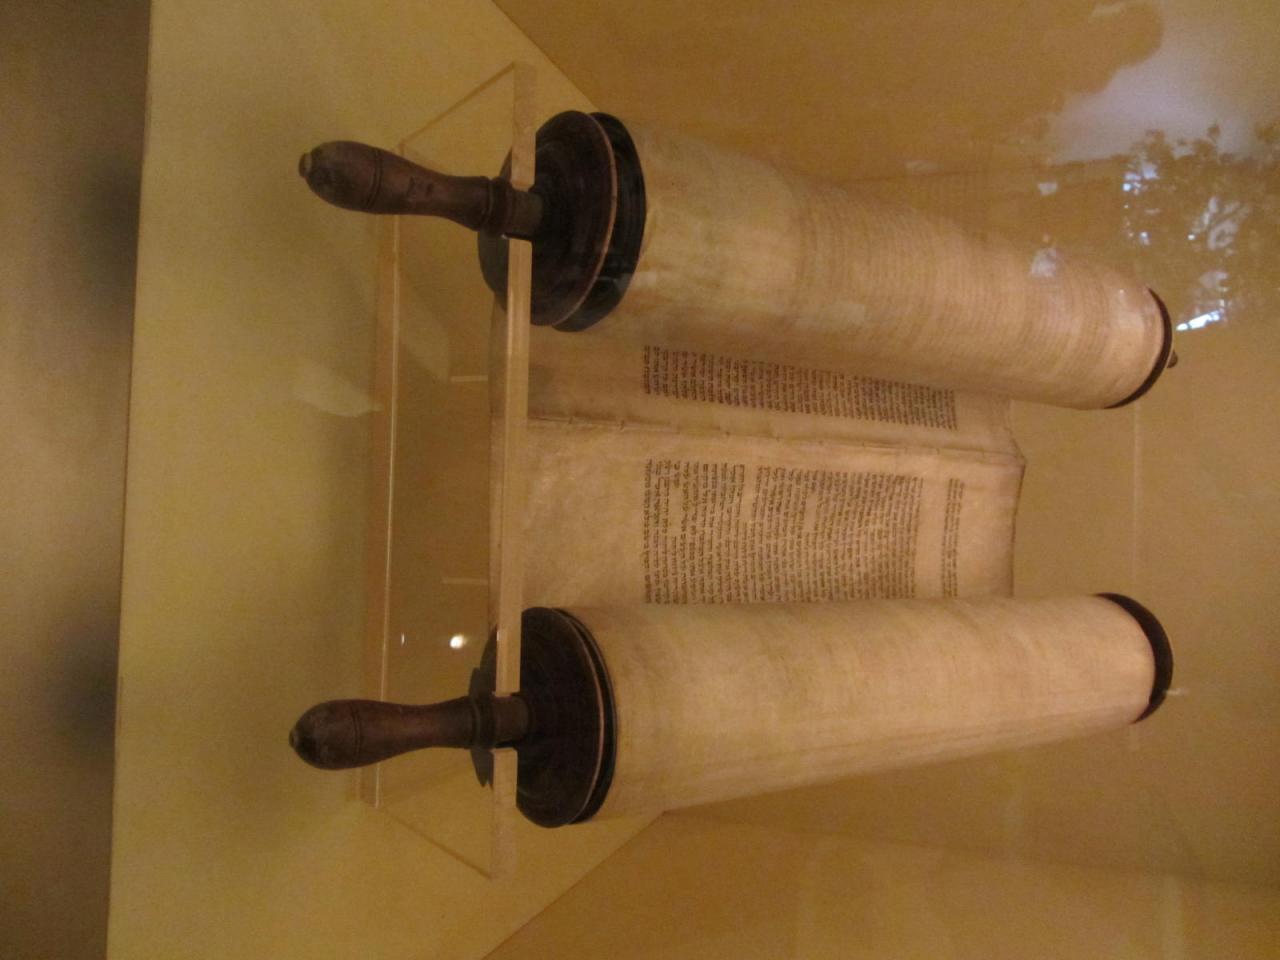 Musé Juif Berlin à ajoiter svp (Tauran)